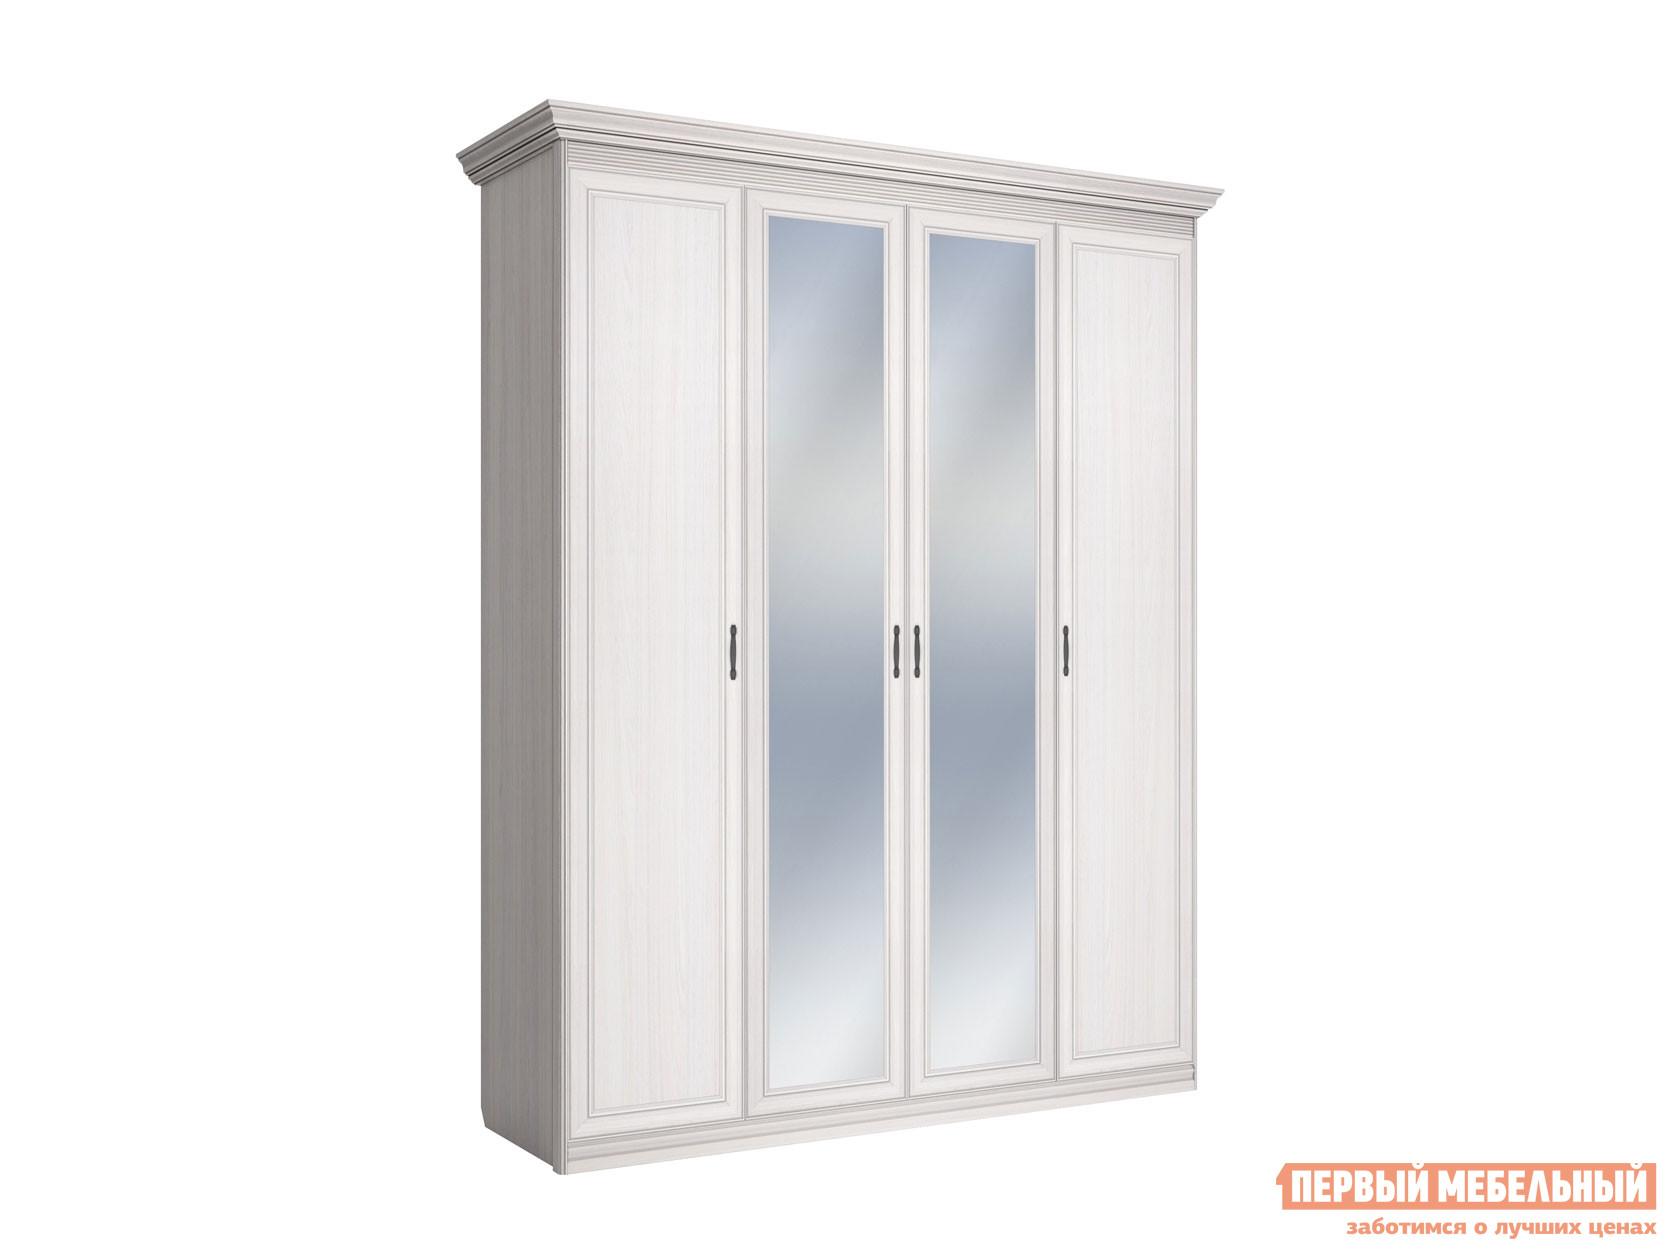 Распашной шкаф Первый Мебельный Шкаф 4-х дверный Неаполь